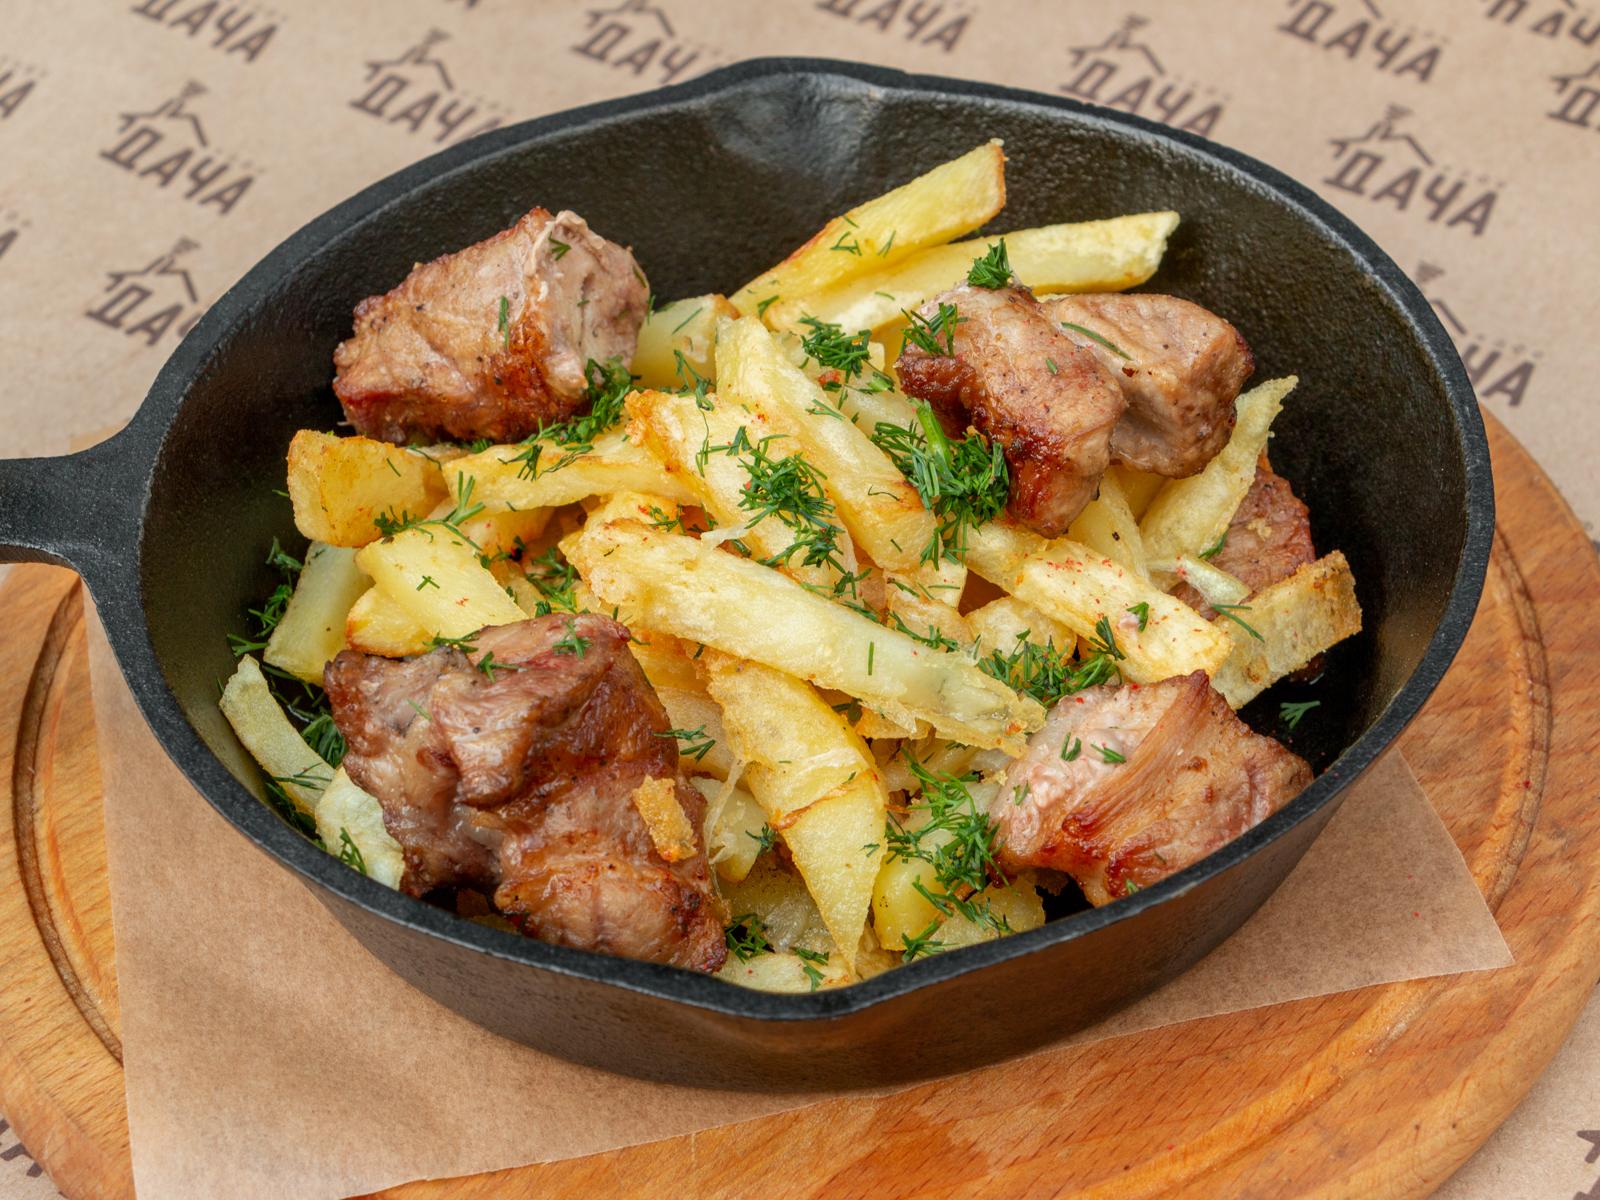 Сковородка с картофелем и мясом